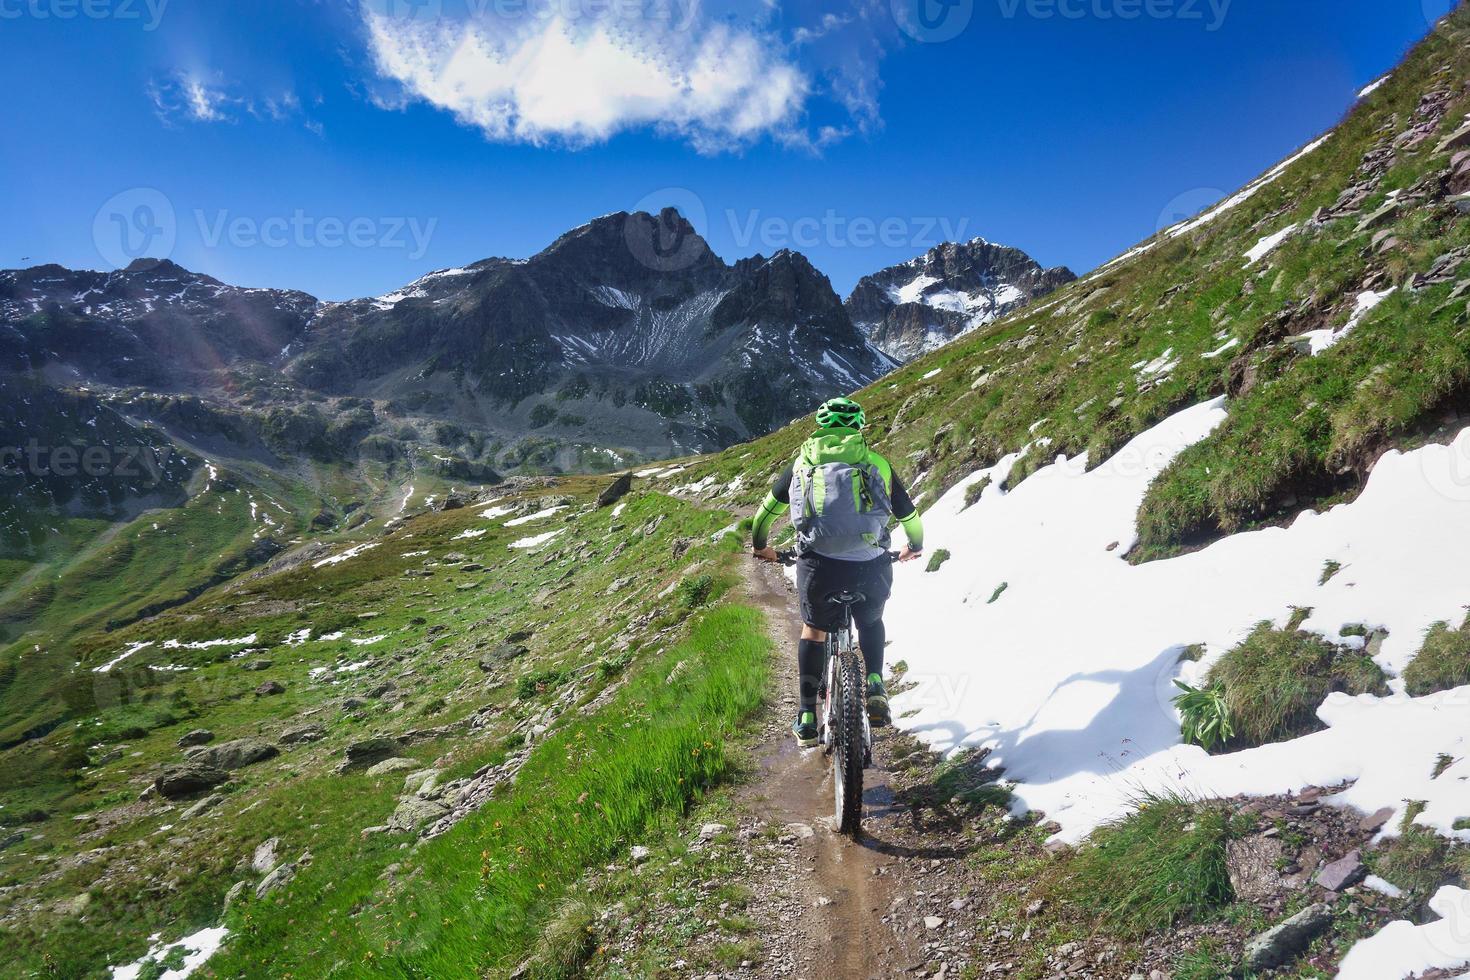 mountainbiken in een klein smal bergpad foto